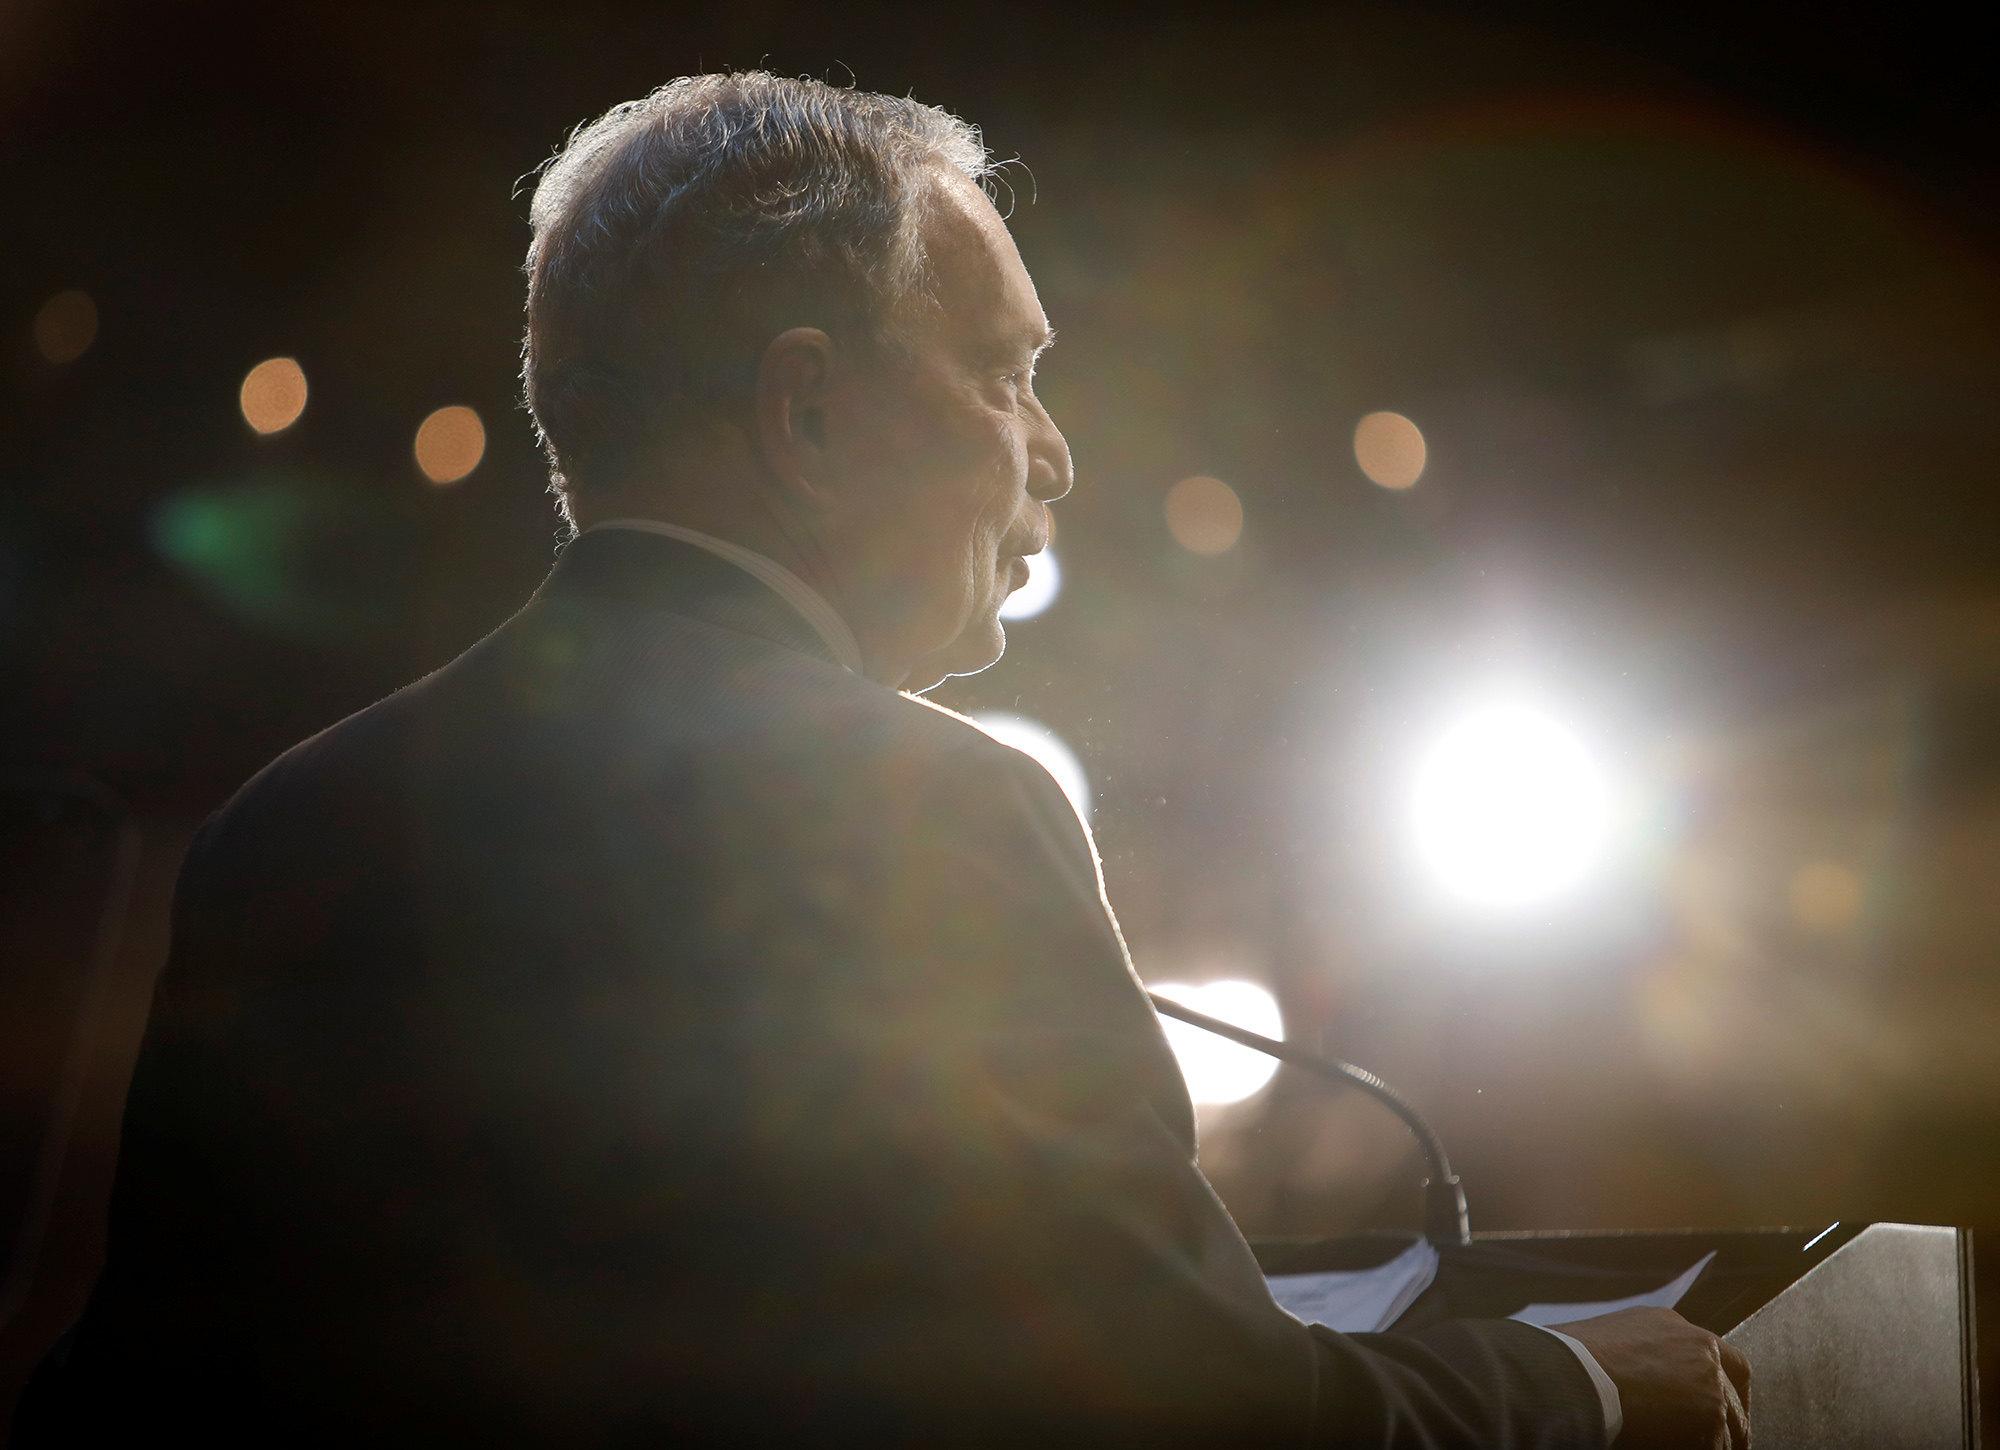 Блумберг выступает передэлекторатом вСеверной Каролине, 13 февраля 2020